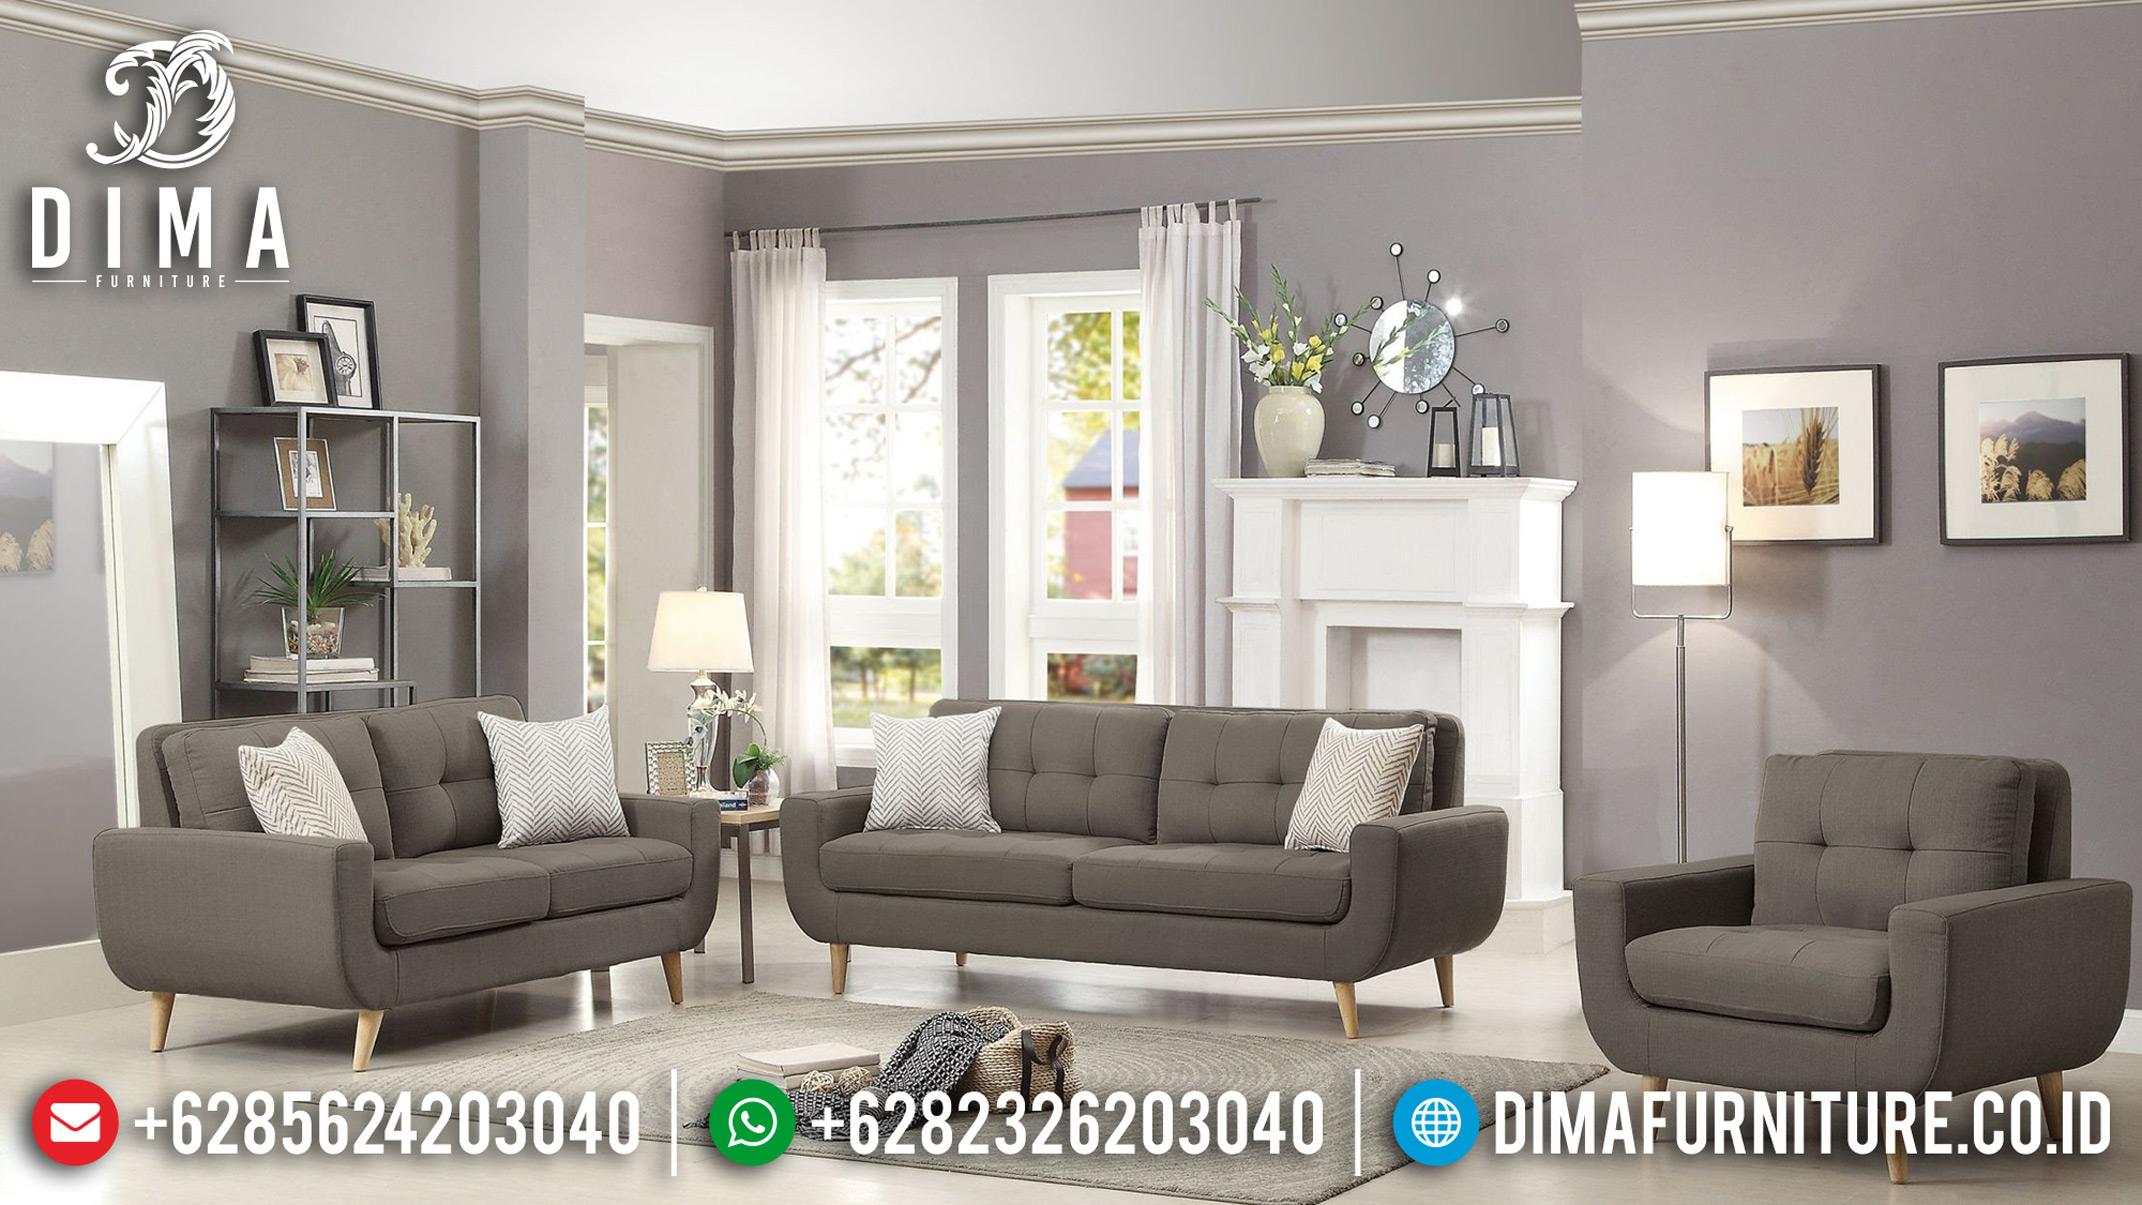 Model Terbaru Set Sofa Tamu Jepara Minimalis Mewah Loveseat Modern DF-0838 Gambar 1